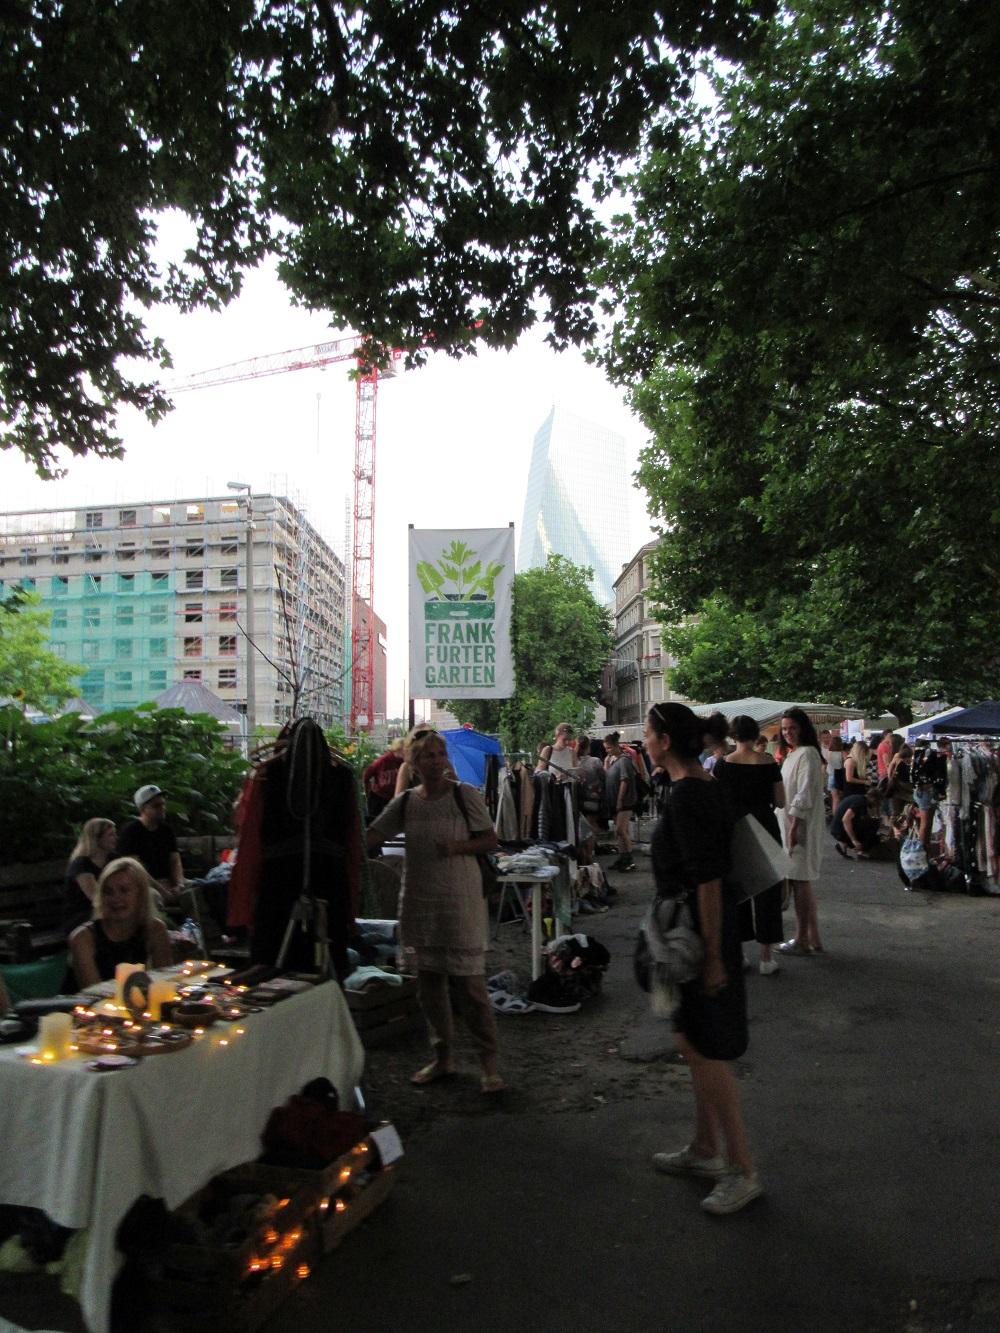 Flohmarkt Frankfurt Weiss